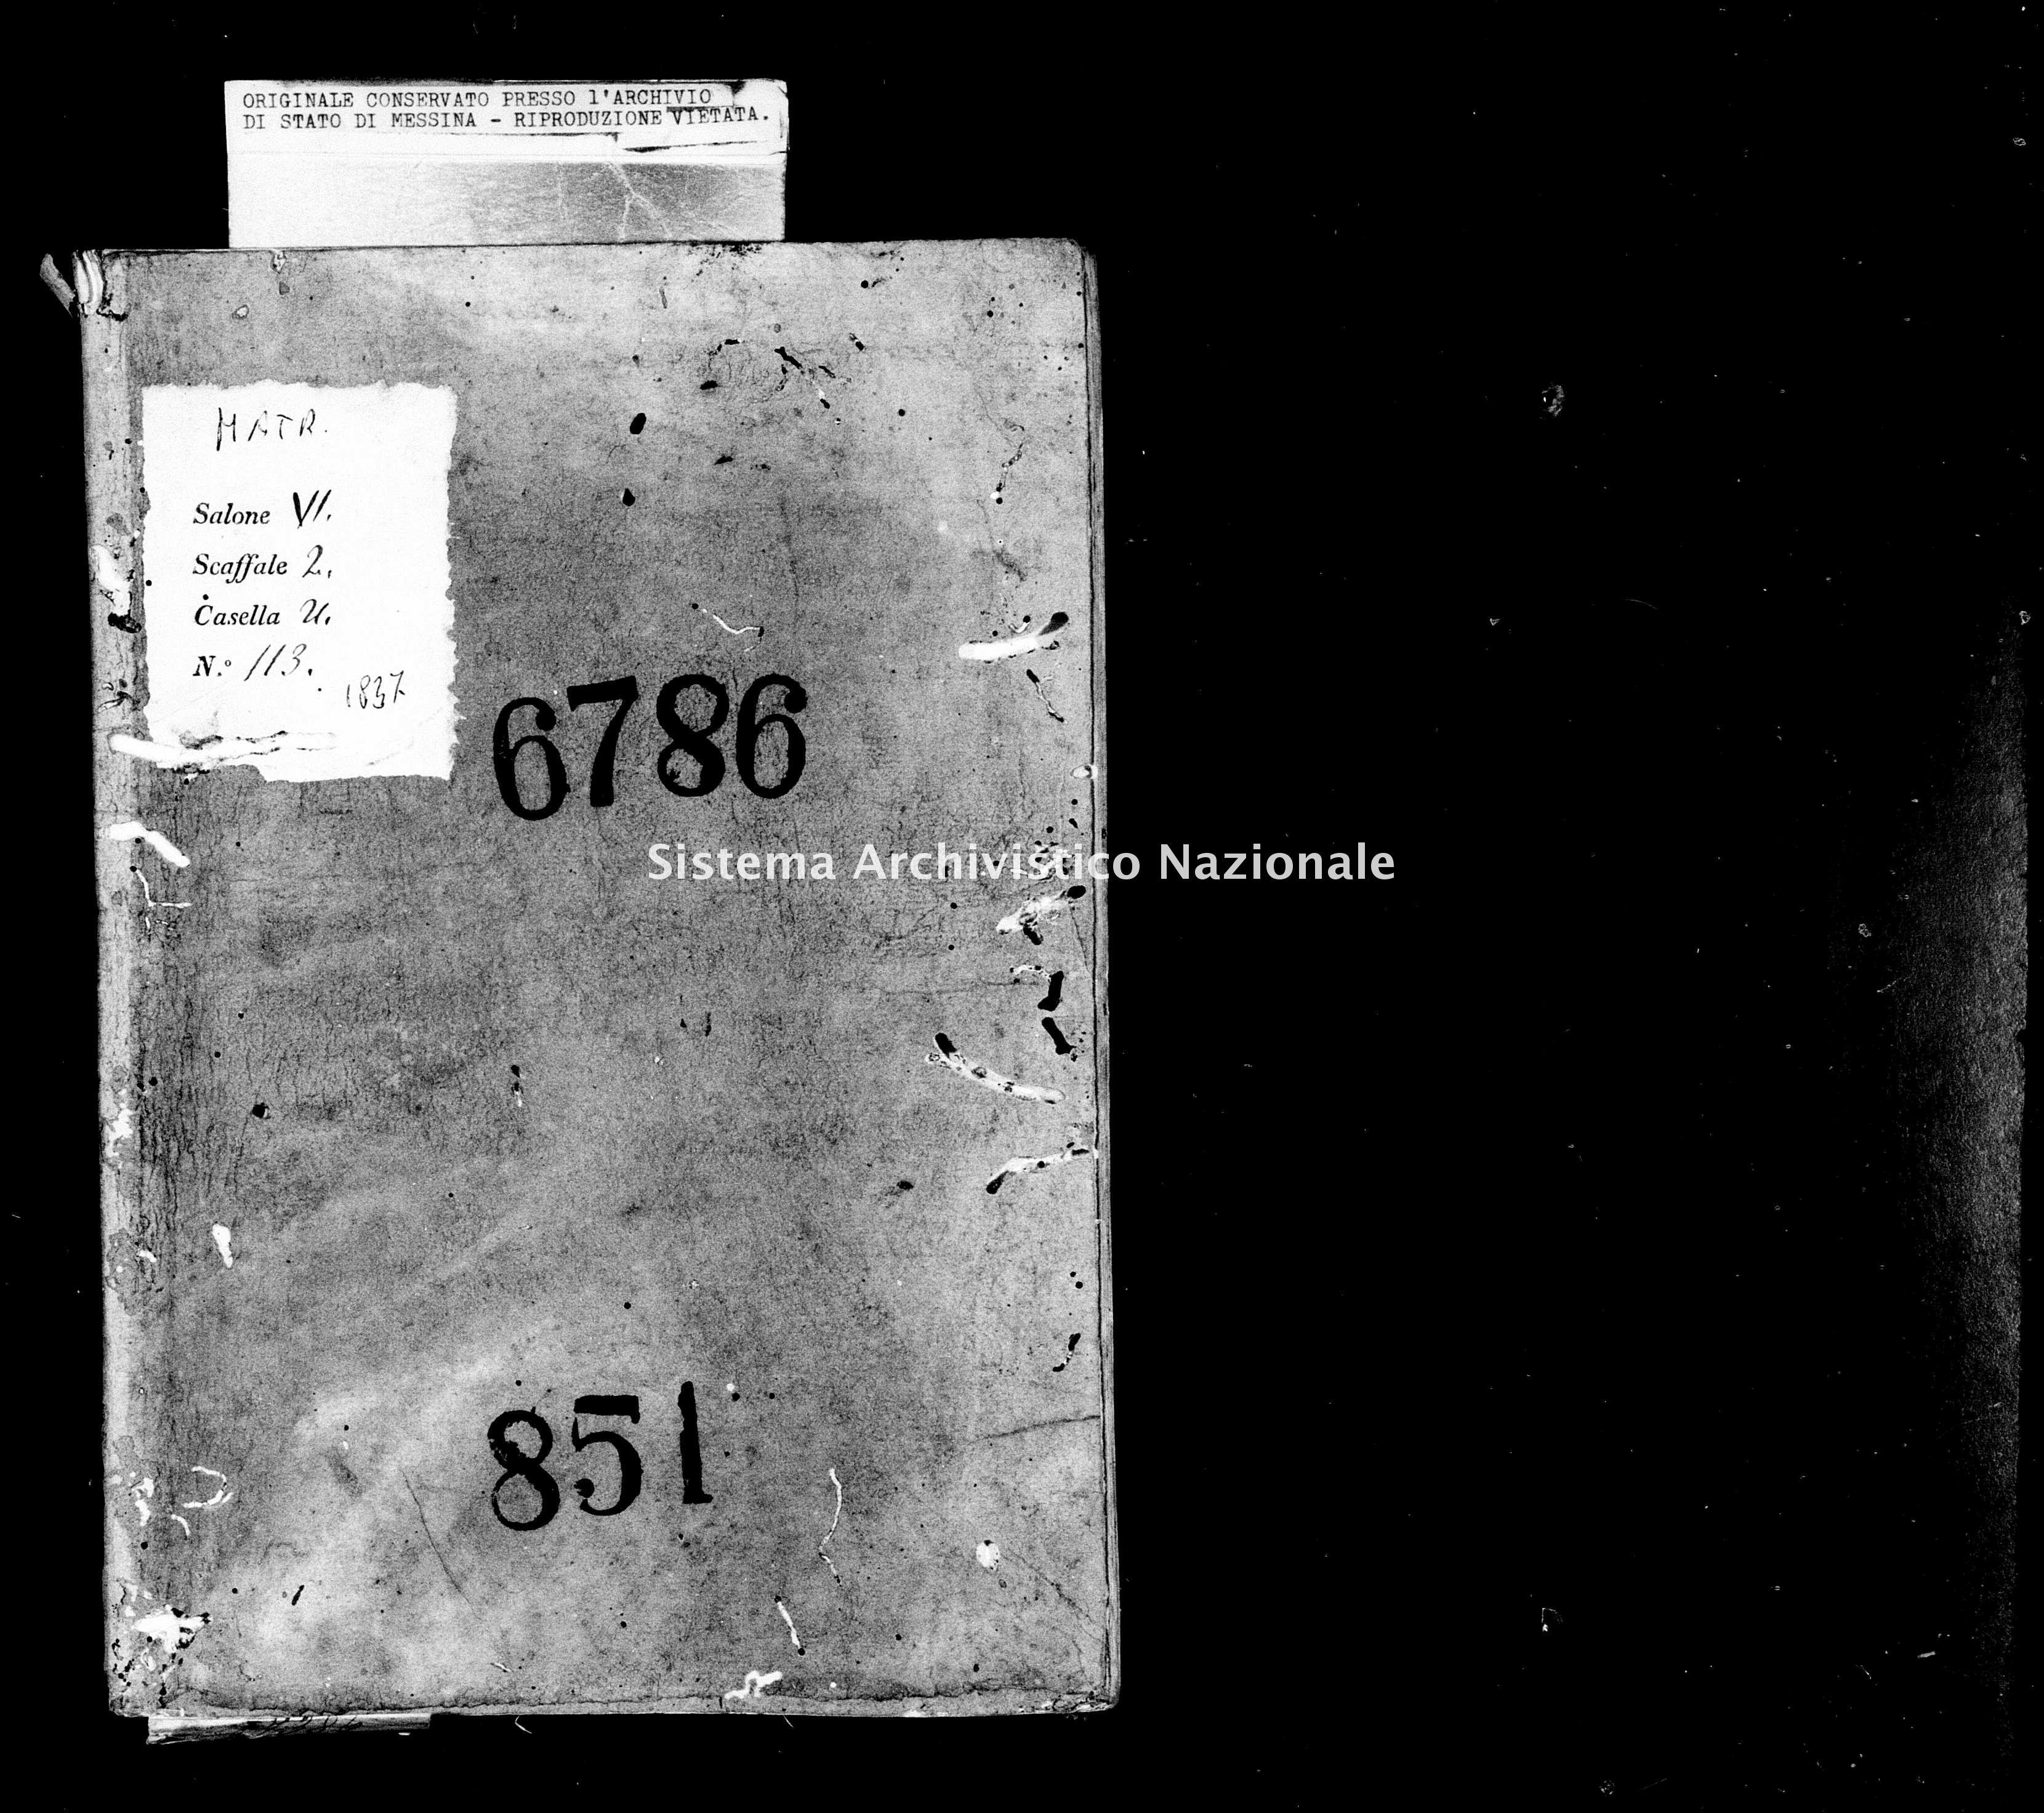 Archivio di stato di Messina - Stato civile della restaurazione - Monforte - Matrimoni - 1837 - 851 -